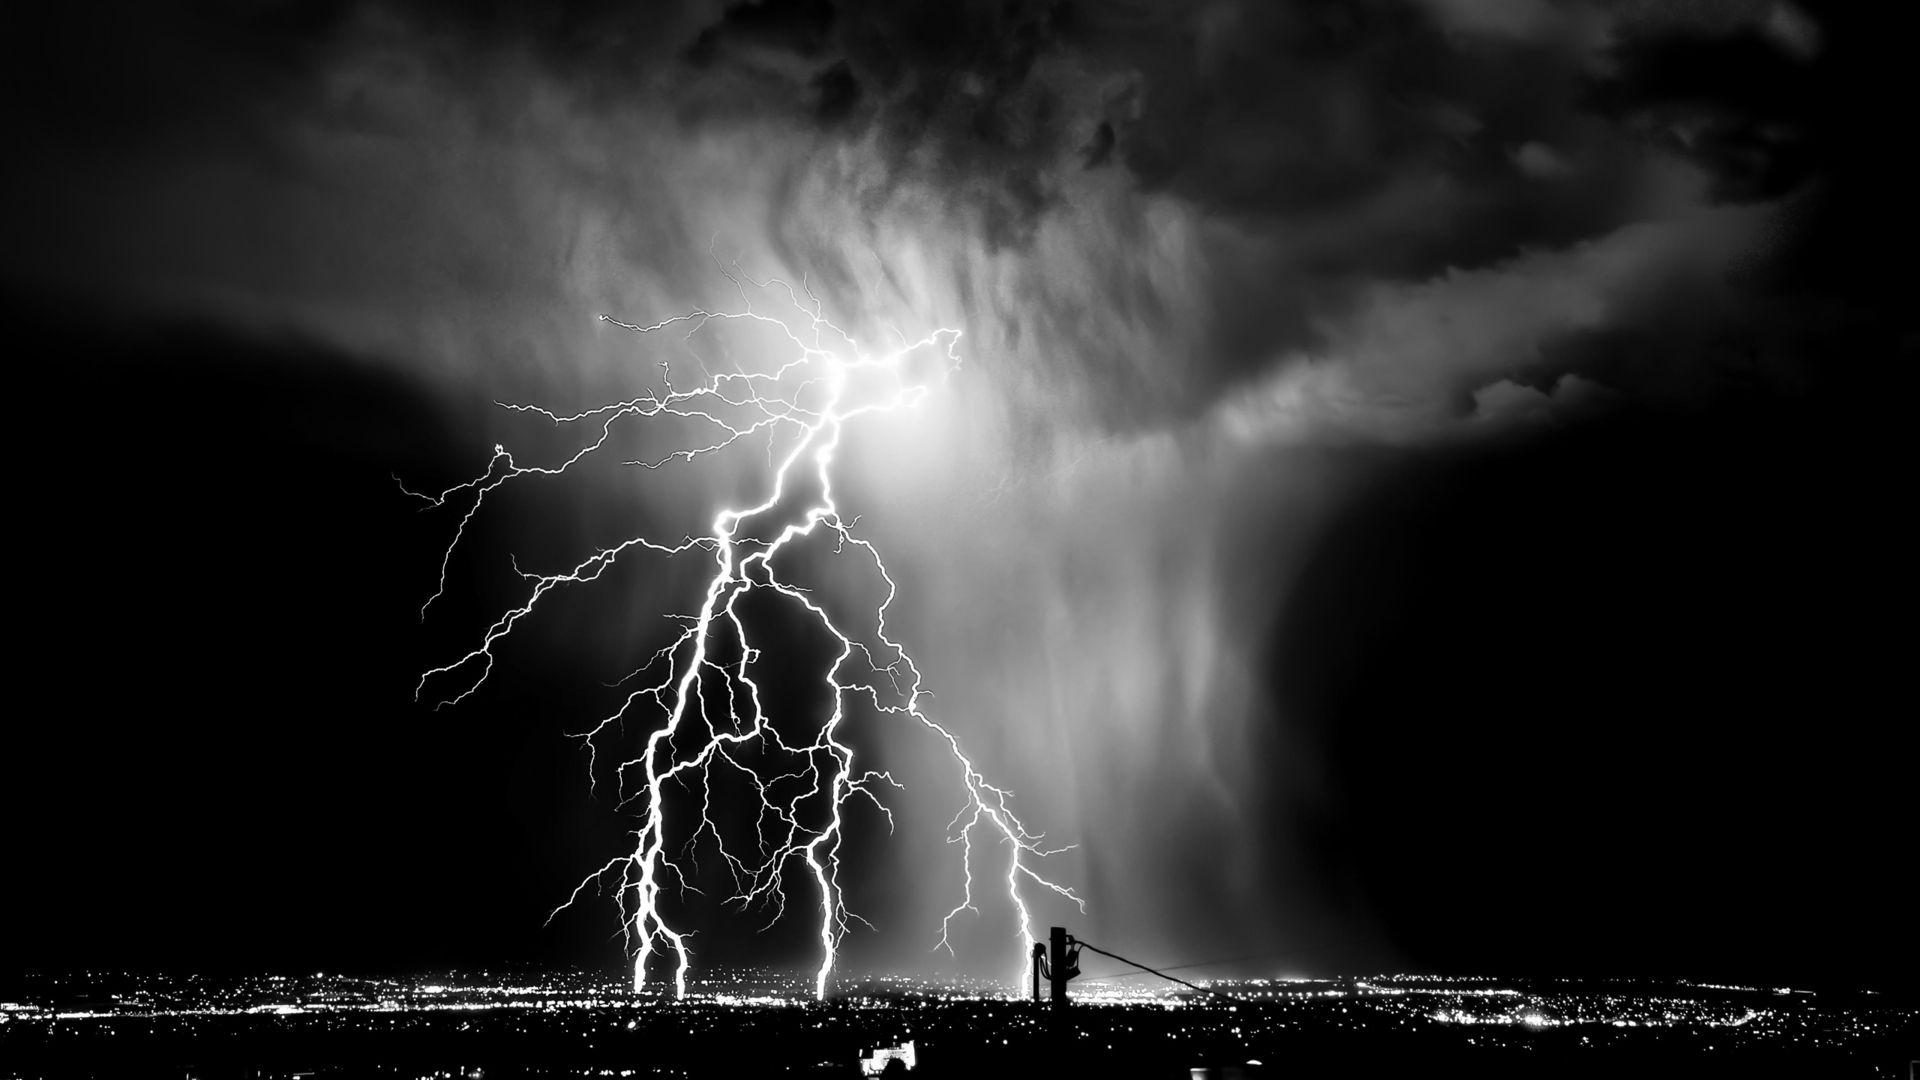 Le più spettacolari tempeste di fulmini che abbiate mai